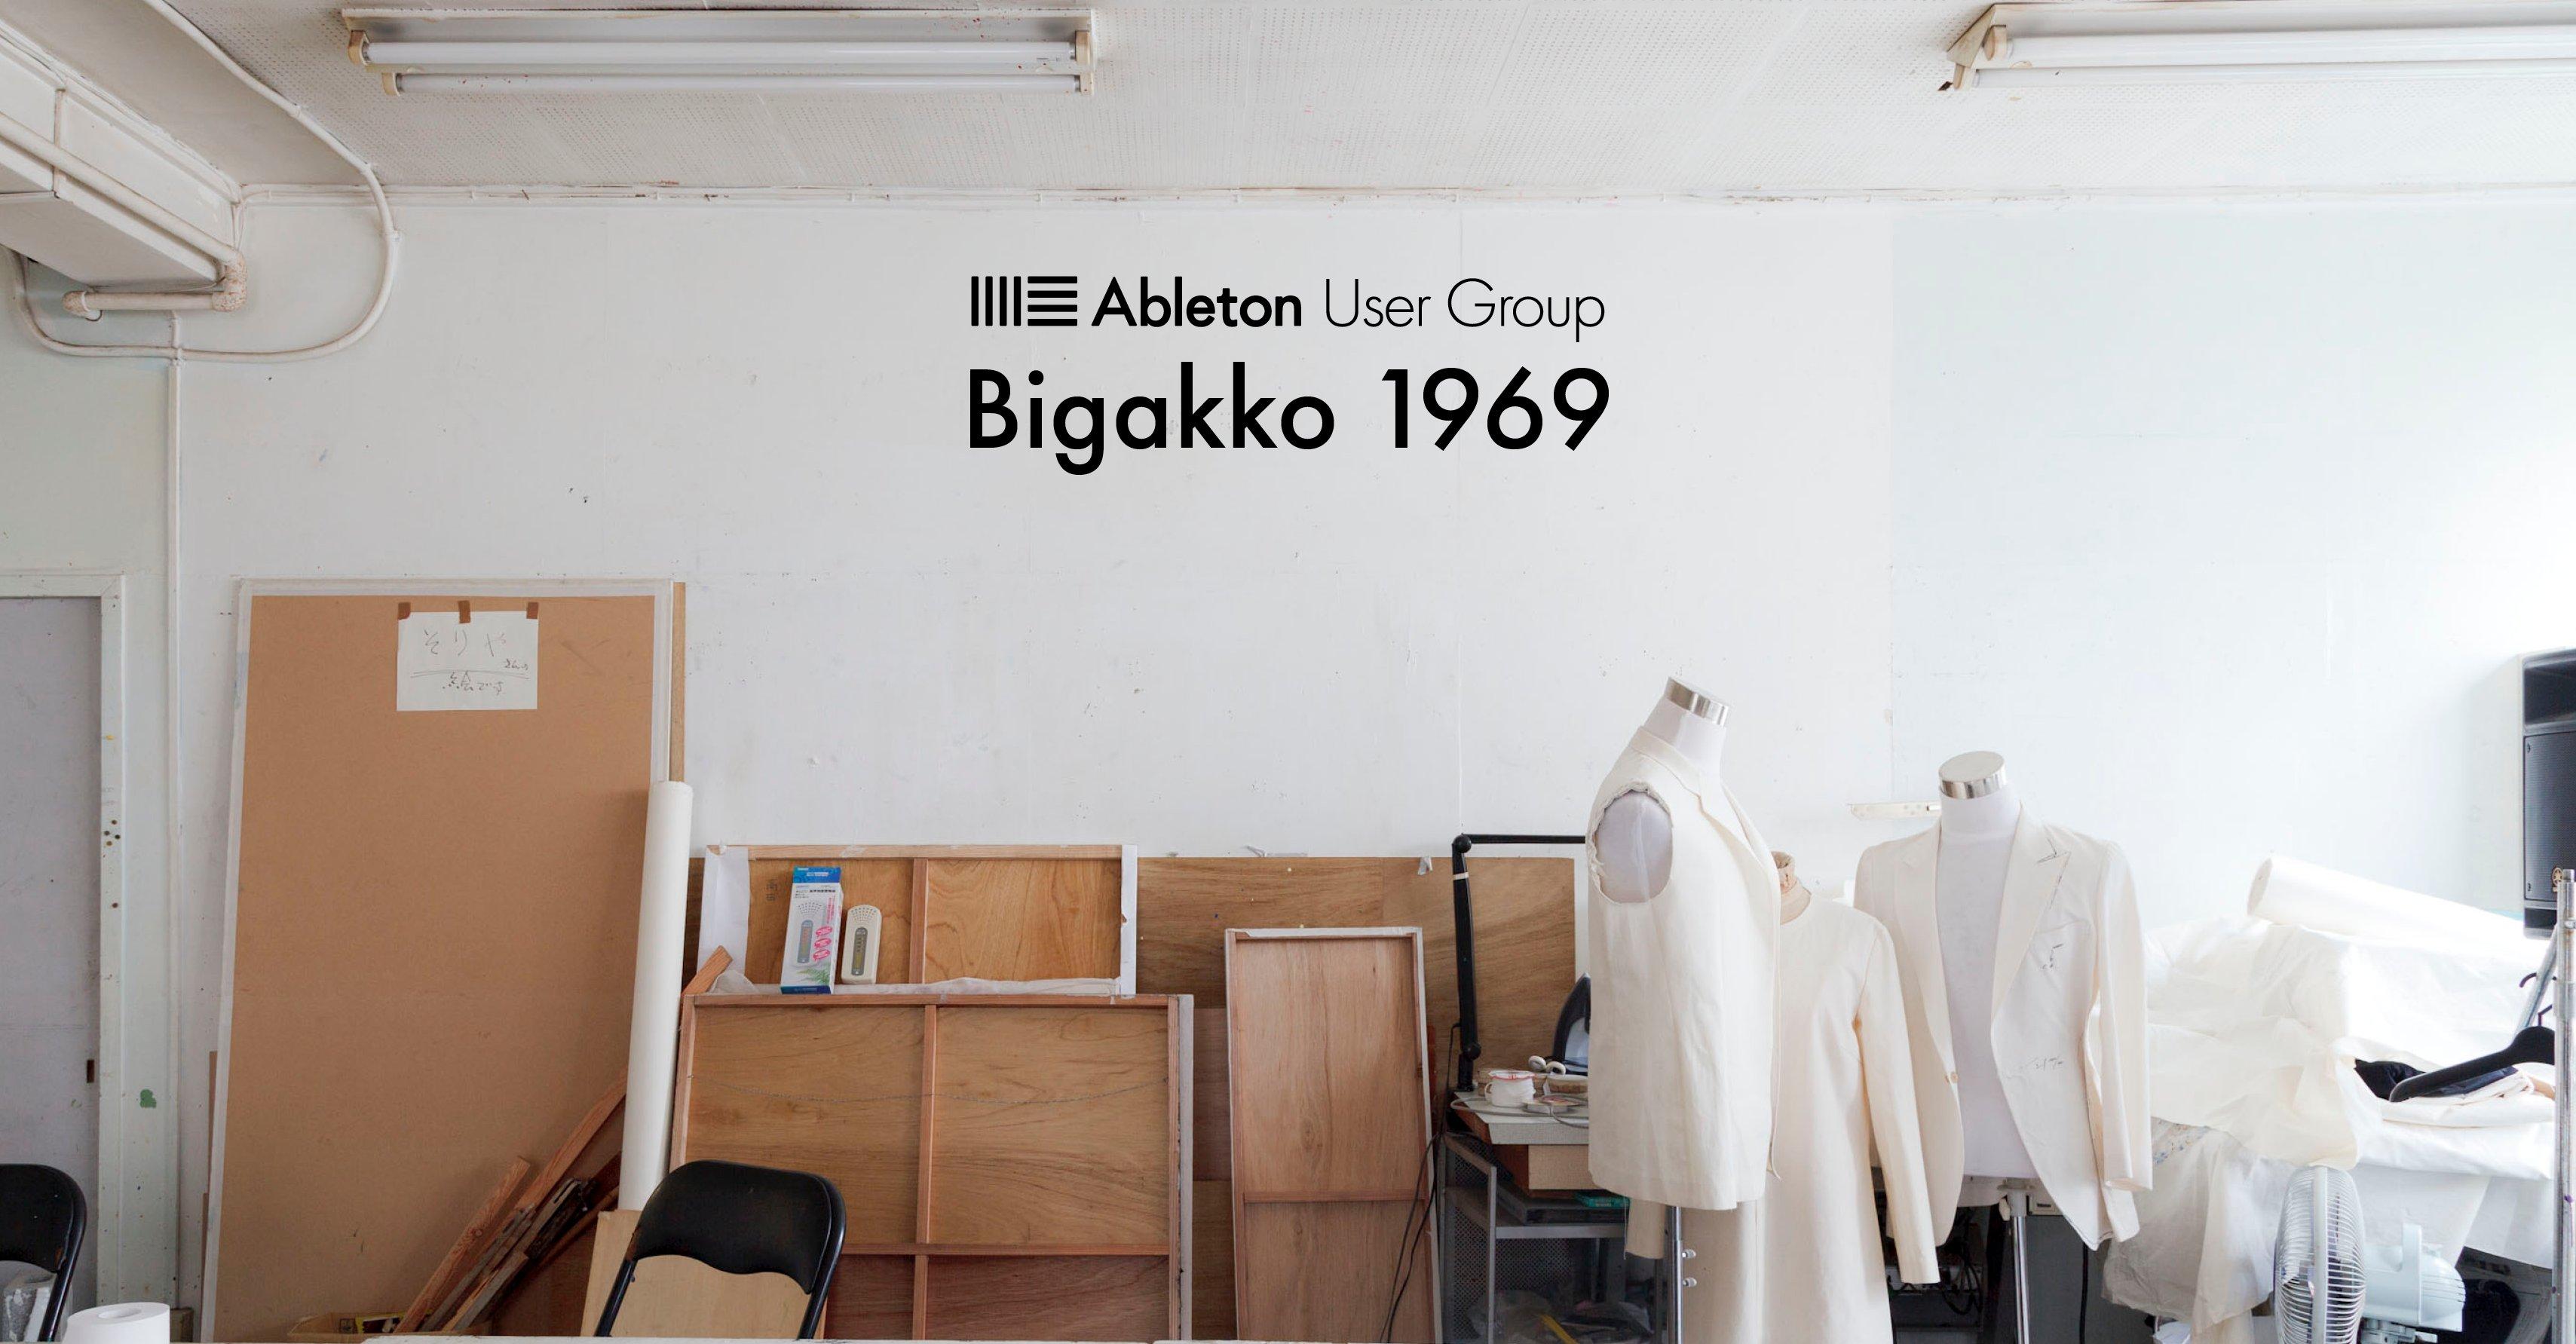 Bigakko 1969 UG FB Banner3.png